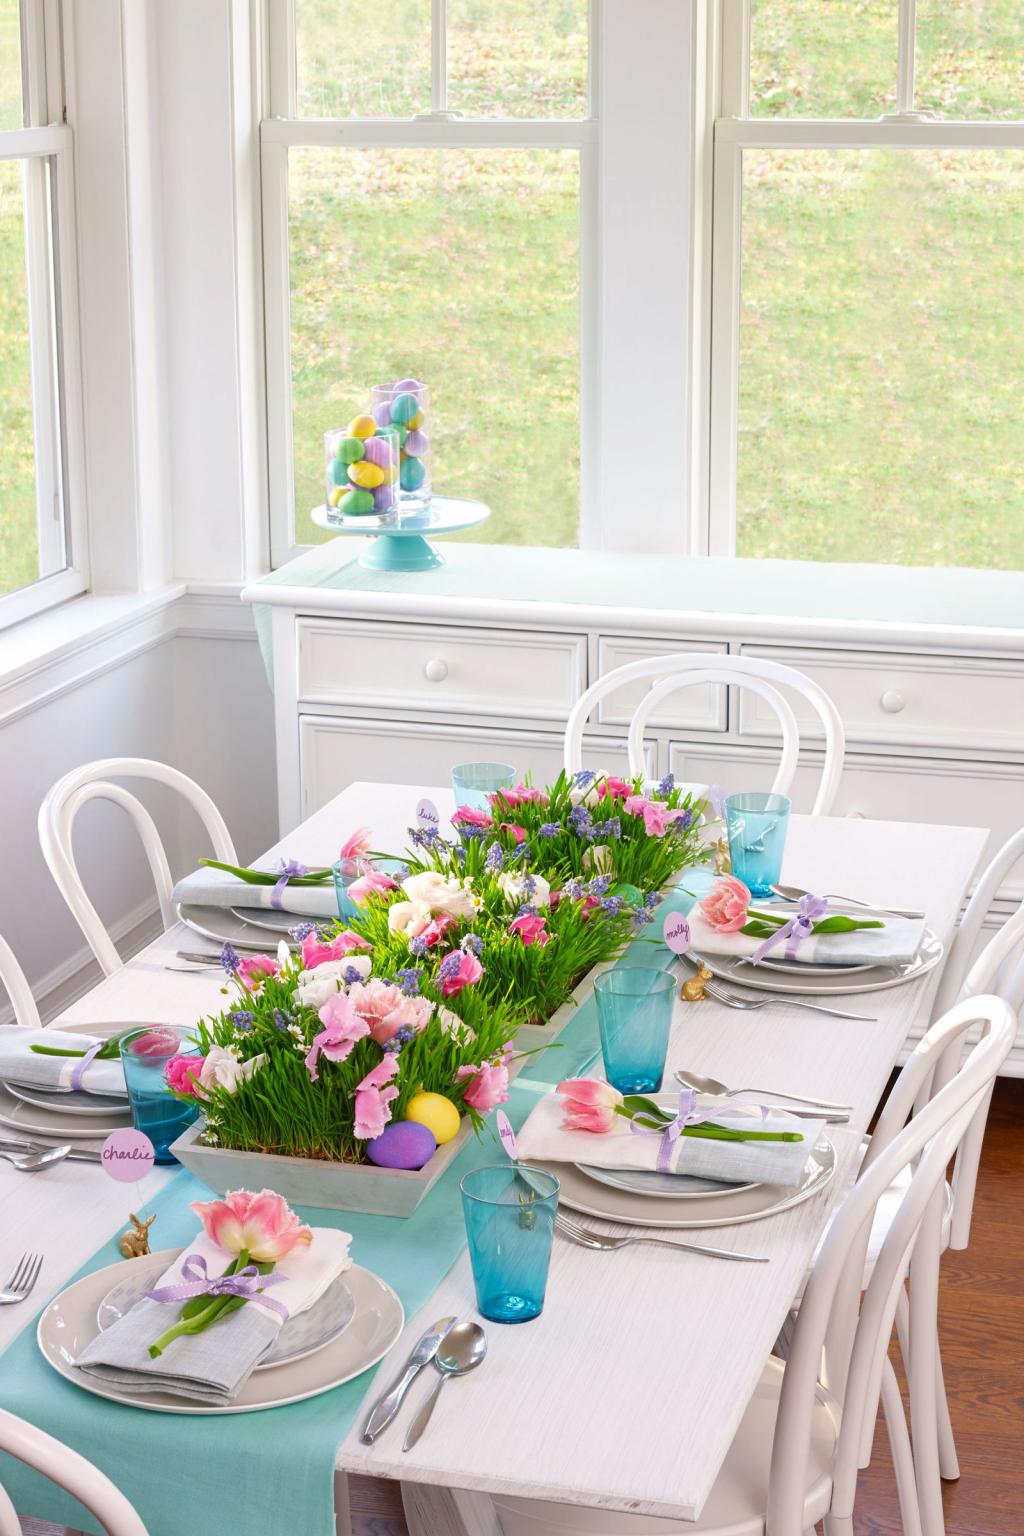 Ostertichdeko Ideen mit bunten Blumen